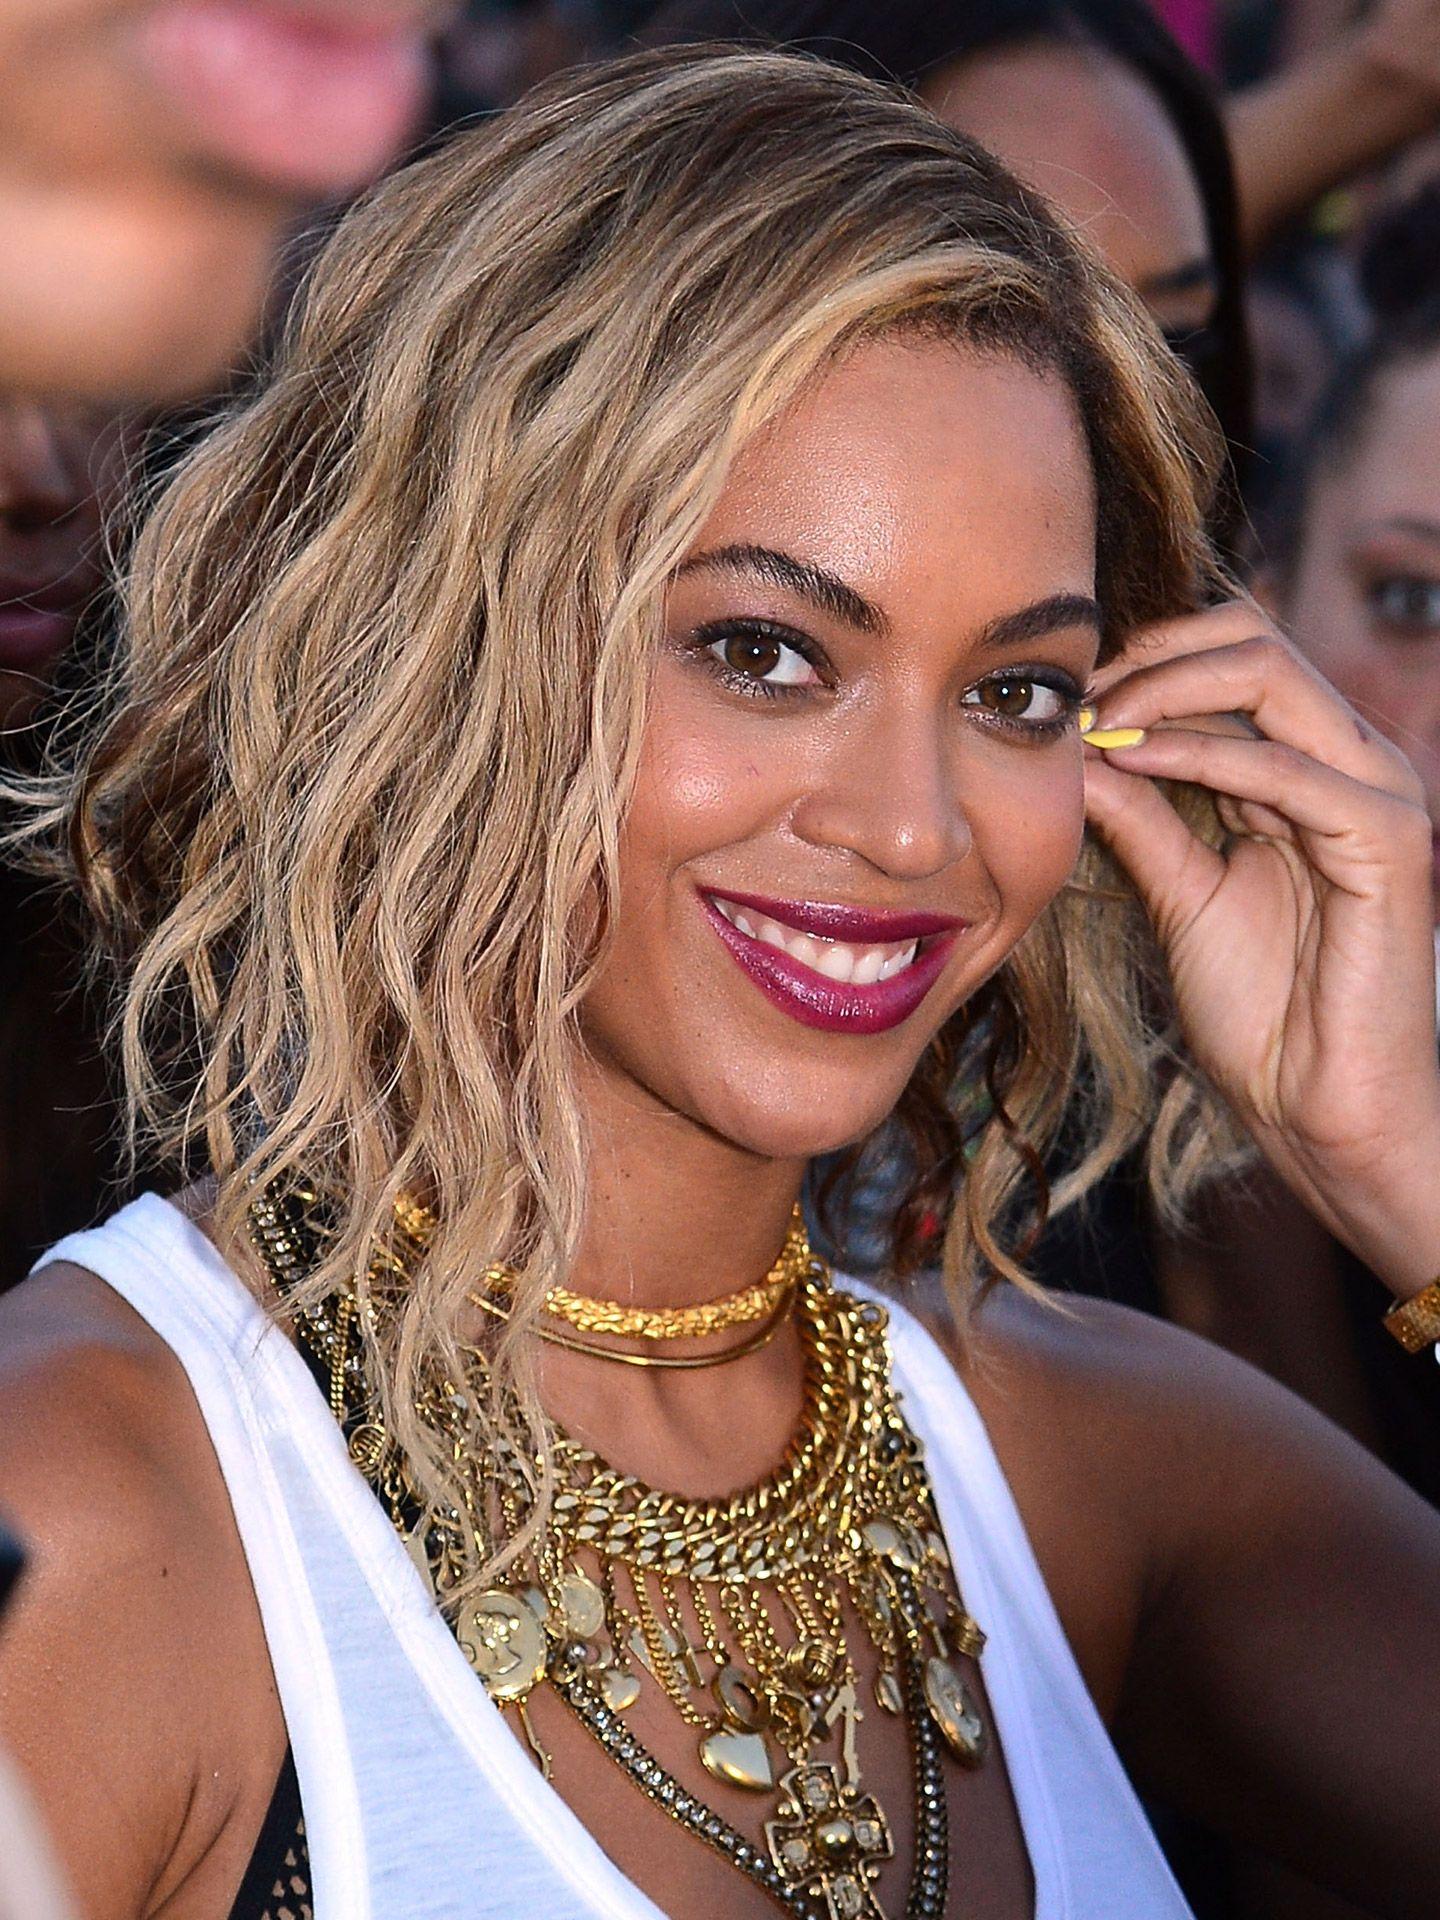 quelle couleur de cheveux pour yeux marron : du blond naturel sur base brune et on craque pour Beyoncé Knowles